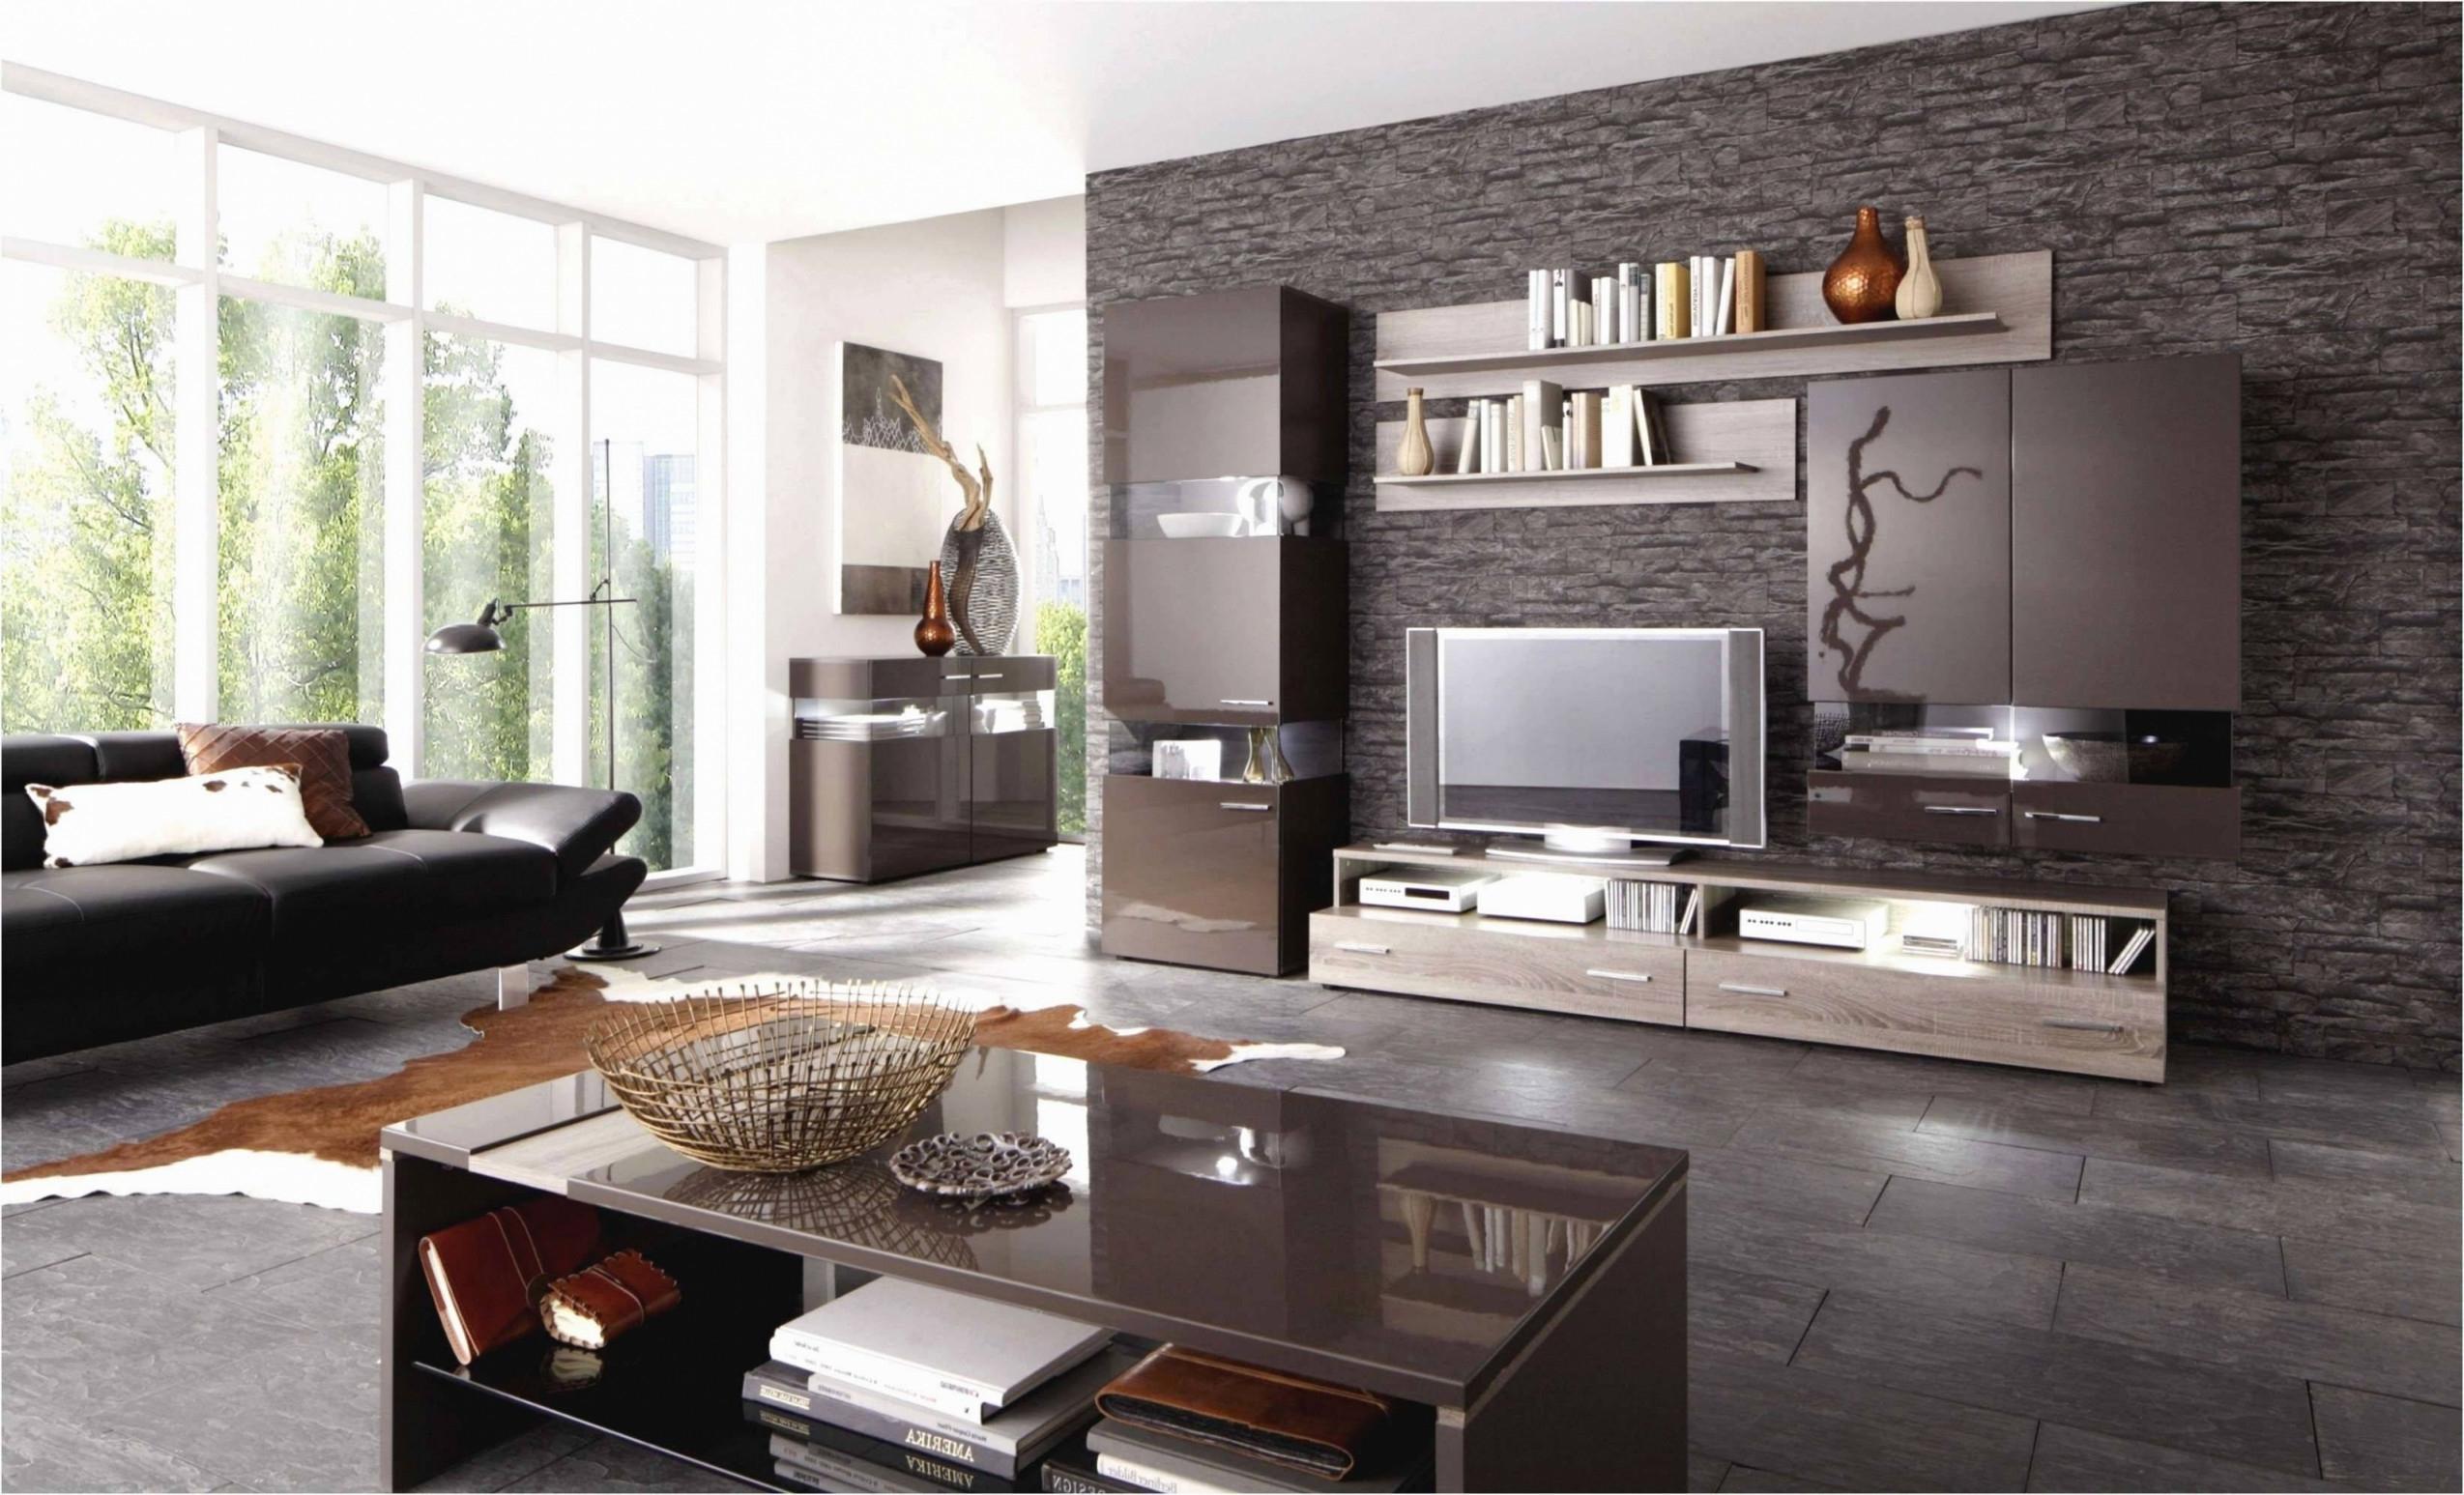 Tapeten Wohnzimmer Ideen von Wohnzimmer Tapezieren Ideen Photo